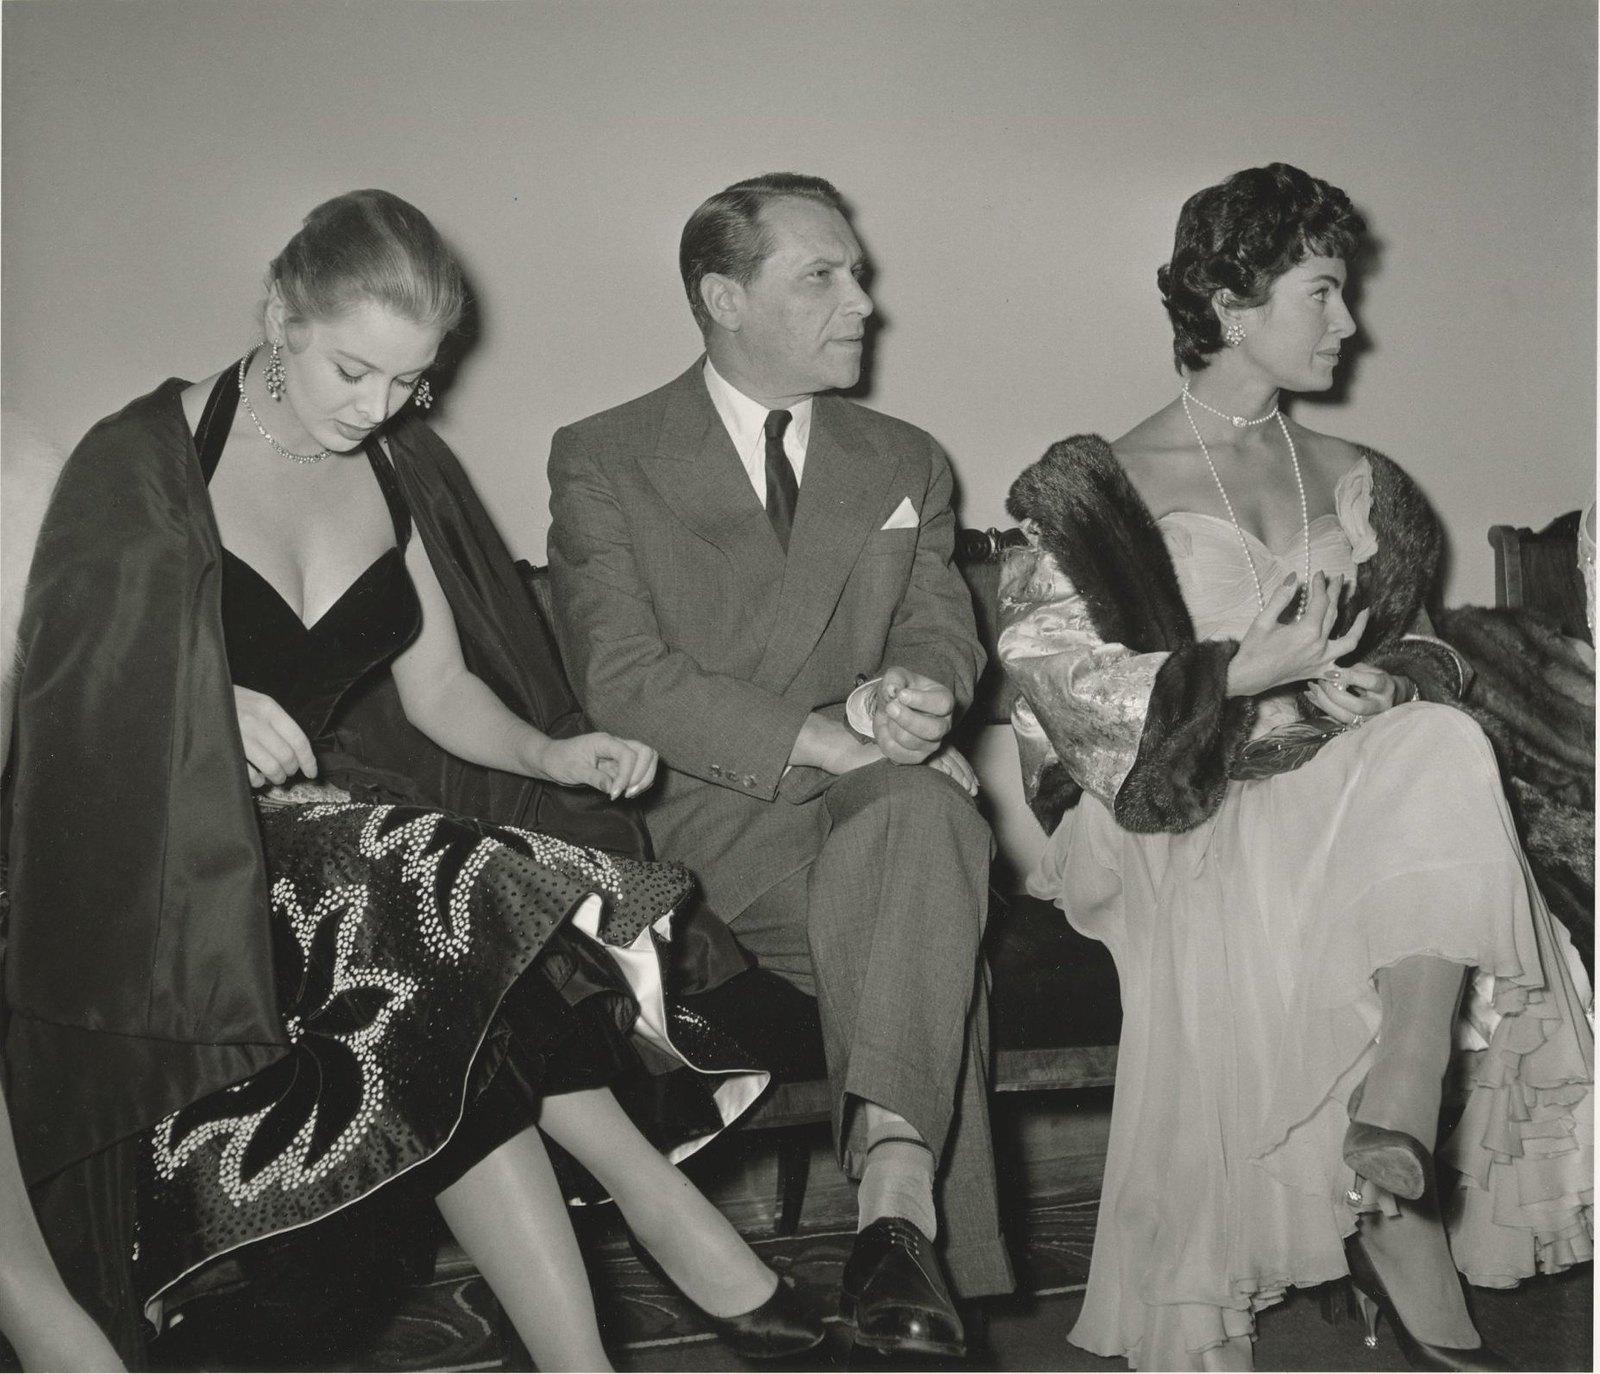 1956.  Марк Бернес и итальянские актрисы Сильвана Пампанини и Элеонора Росси Драго. Неделя Итальянского кино в кинотеатре «Ударник»